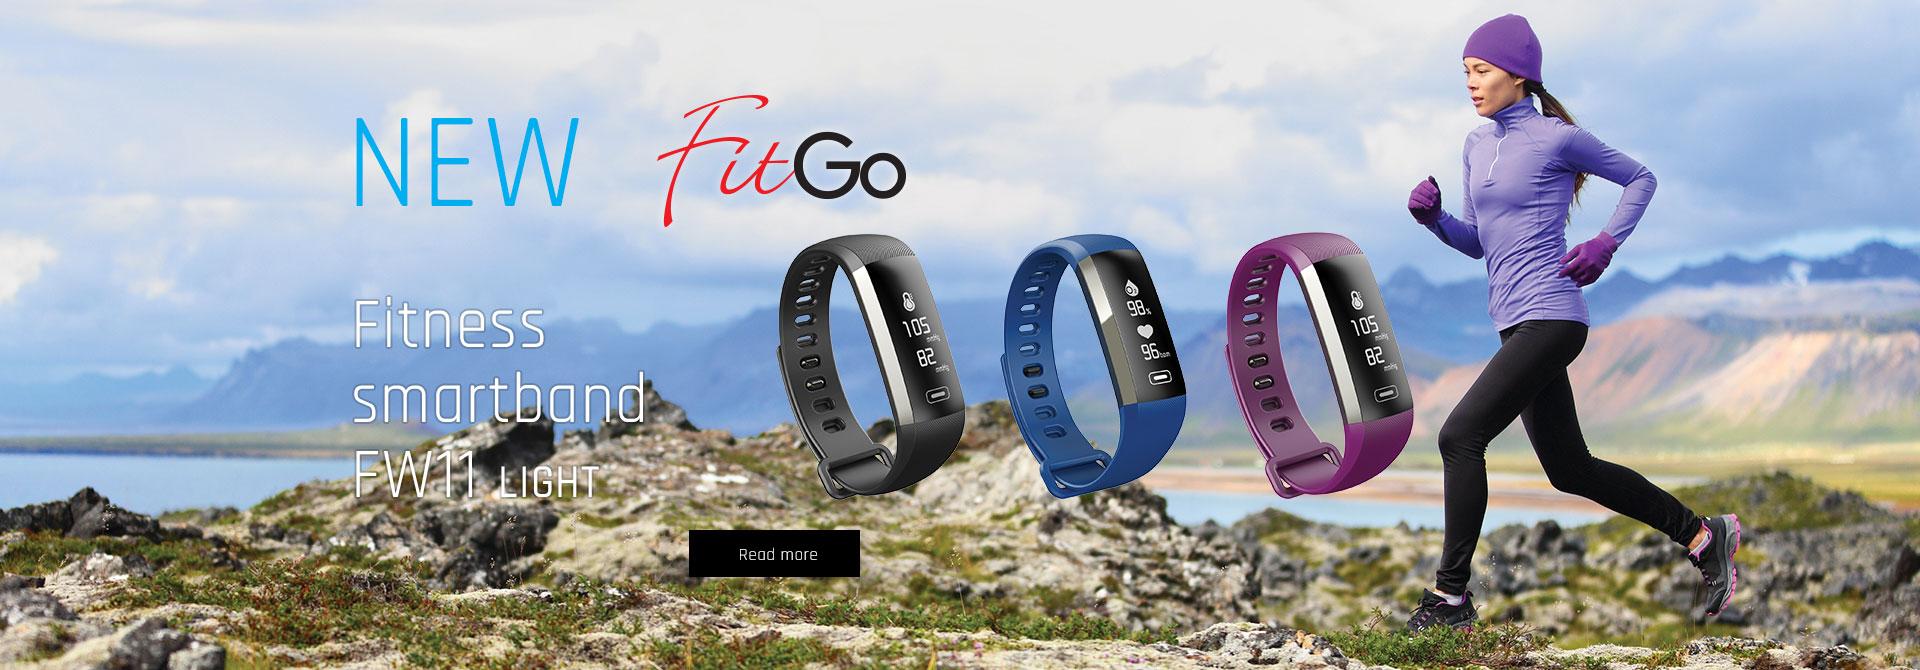 Fitgo Smartband FW11 Light